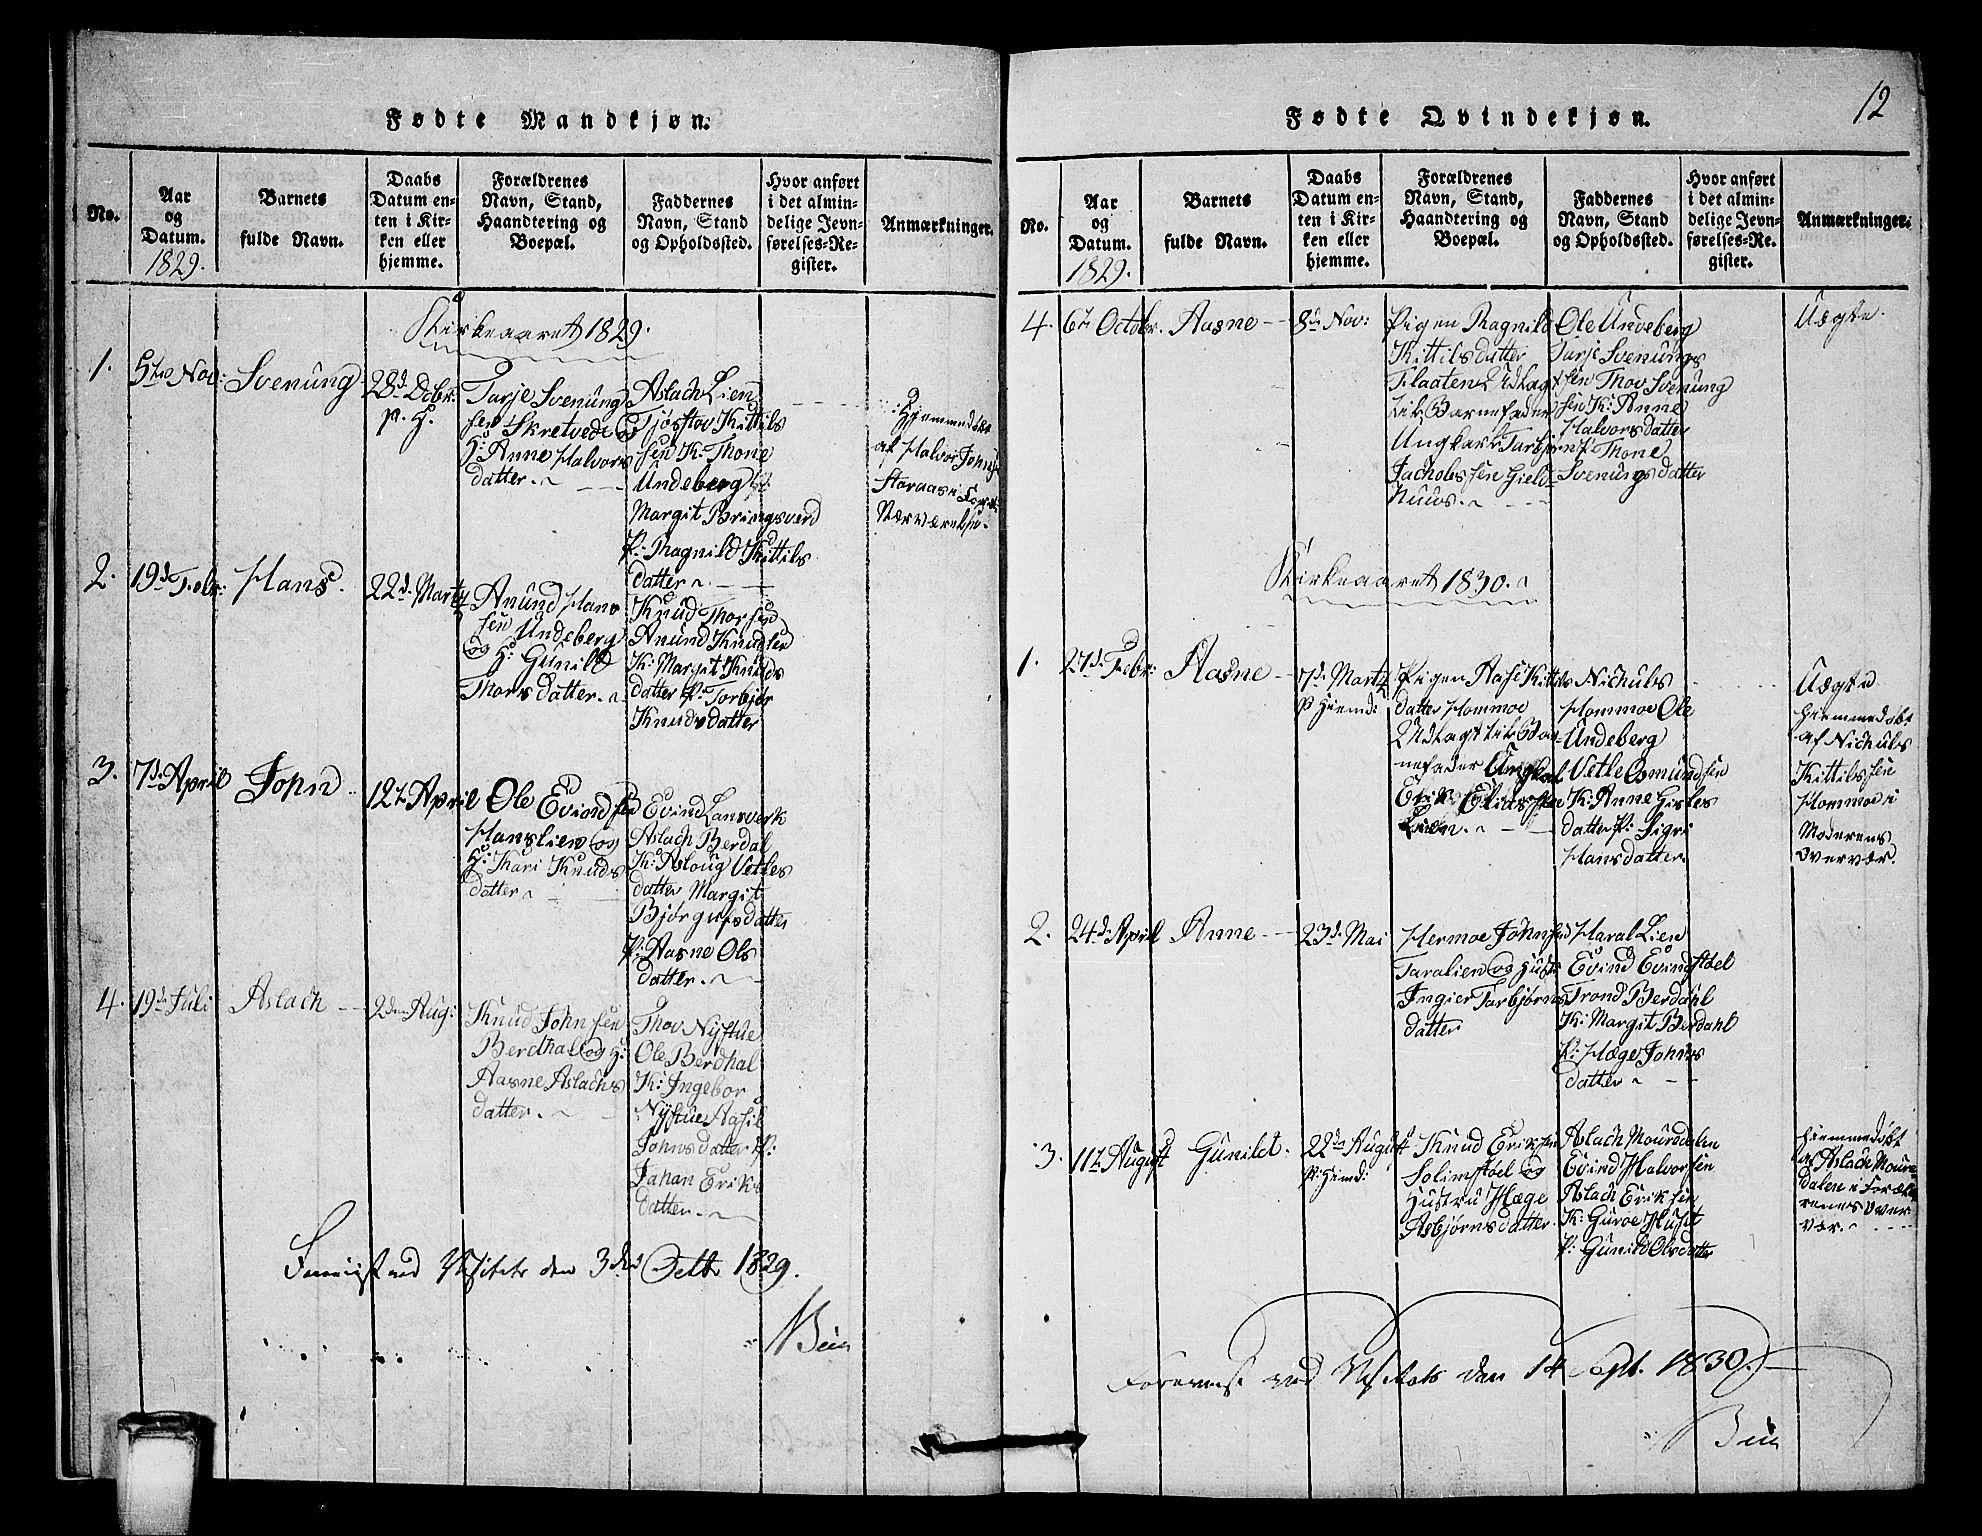 SAKO, Vinje kirkebøker, G/Gb/L0001: Klokkerbok nr. II 1, 1814-1843, s. 12